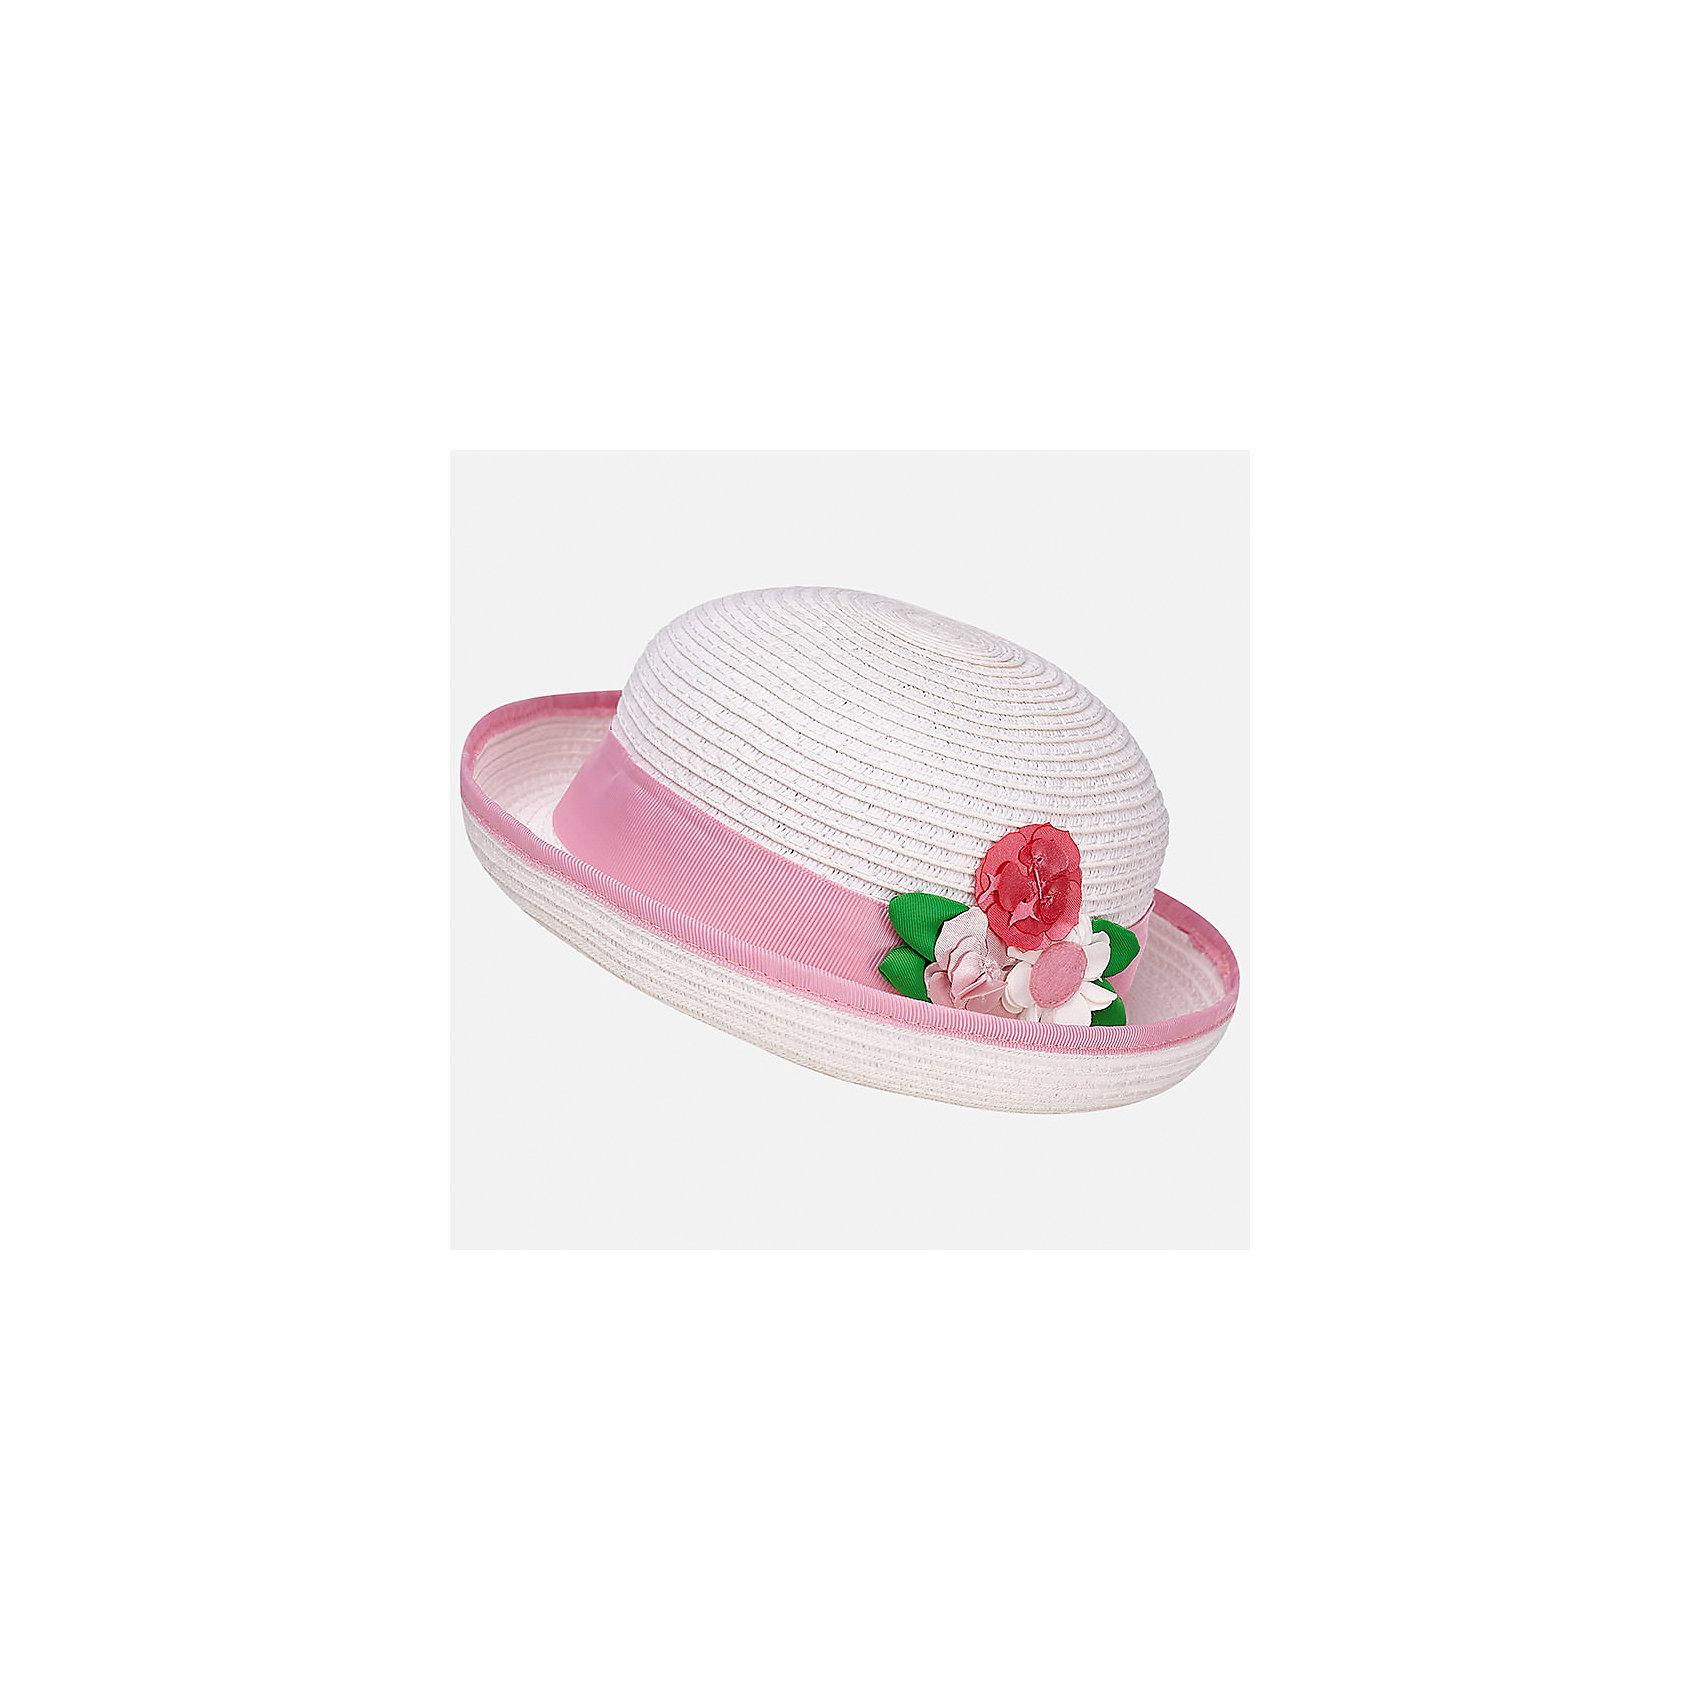 Шляпа для девочки MayoralЛетние<br>Характеристики товара:<br><br>• цвет: белый/розовый<br>• состав: 100% бумага<br>• контрастная окантовка<br>• дышащая фактура<br>• декорирована лентой и текстильными цветами<br>• страна бренда: Испания<br><br>Красивая легкая шляпа для девочки поможет обеспечить ребенку защиту от солнца и дополнить наряд. Универсальный цвет позволяет надевать её под наряды различных расцветок. Шляпа удобно сидит и красиво смотрится. <br><br>Одежда, обувь и аксессуары от испанского бренда Mayoral полюбились детям и взрослым по всему миру. Модели этой марки - стильные и удобные. Для их производства используются только безопасные, качественные материалы и фурнитура. Порадуйте ребенка модными и красивыми вещами от Mayoral! <br><br>Шляпу для девочки от испанского бренда Mayoral (Майорал) можно купить в нашем интернет-магазине.<br><br>Ширина мм: 89<br>Глубина мм: 117<br>Высота мм: 44<br>Вес г: 155<br>Цвет: фиолетовый<br>Возраст от месяцев: 12<br>Возраст до месяцев: 18<br>Пол: Женский<br>Возраст: Детский<br>Размер: 48,50<br>SKU: 5293409